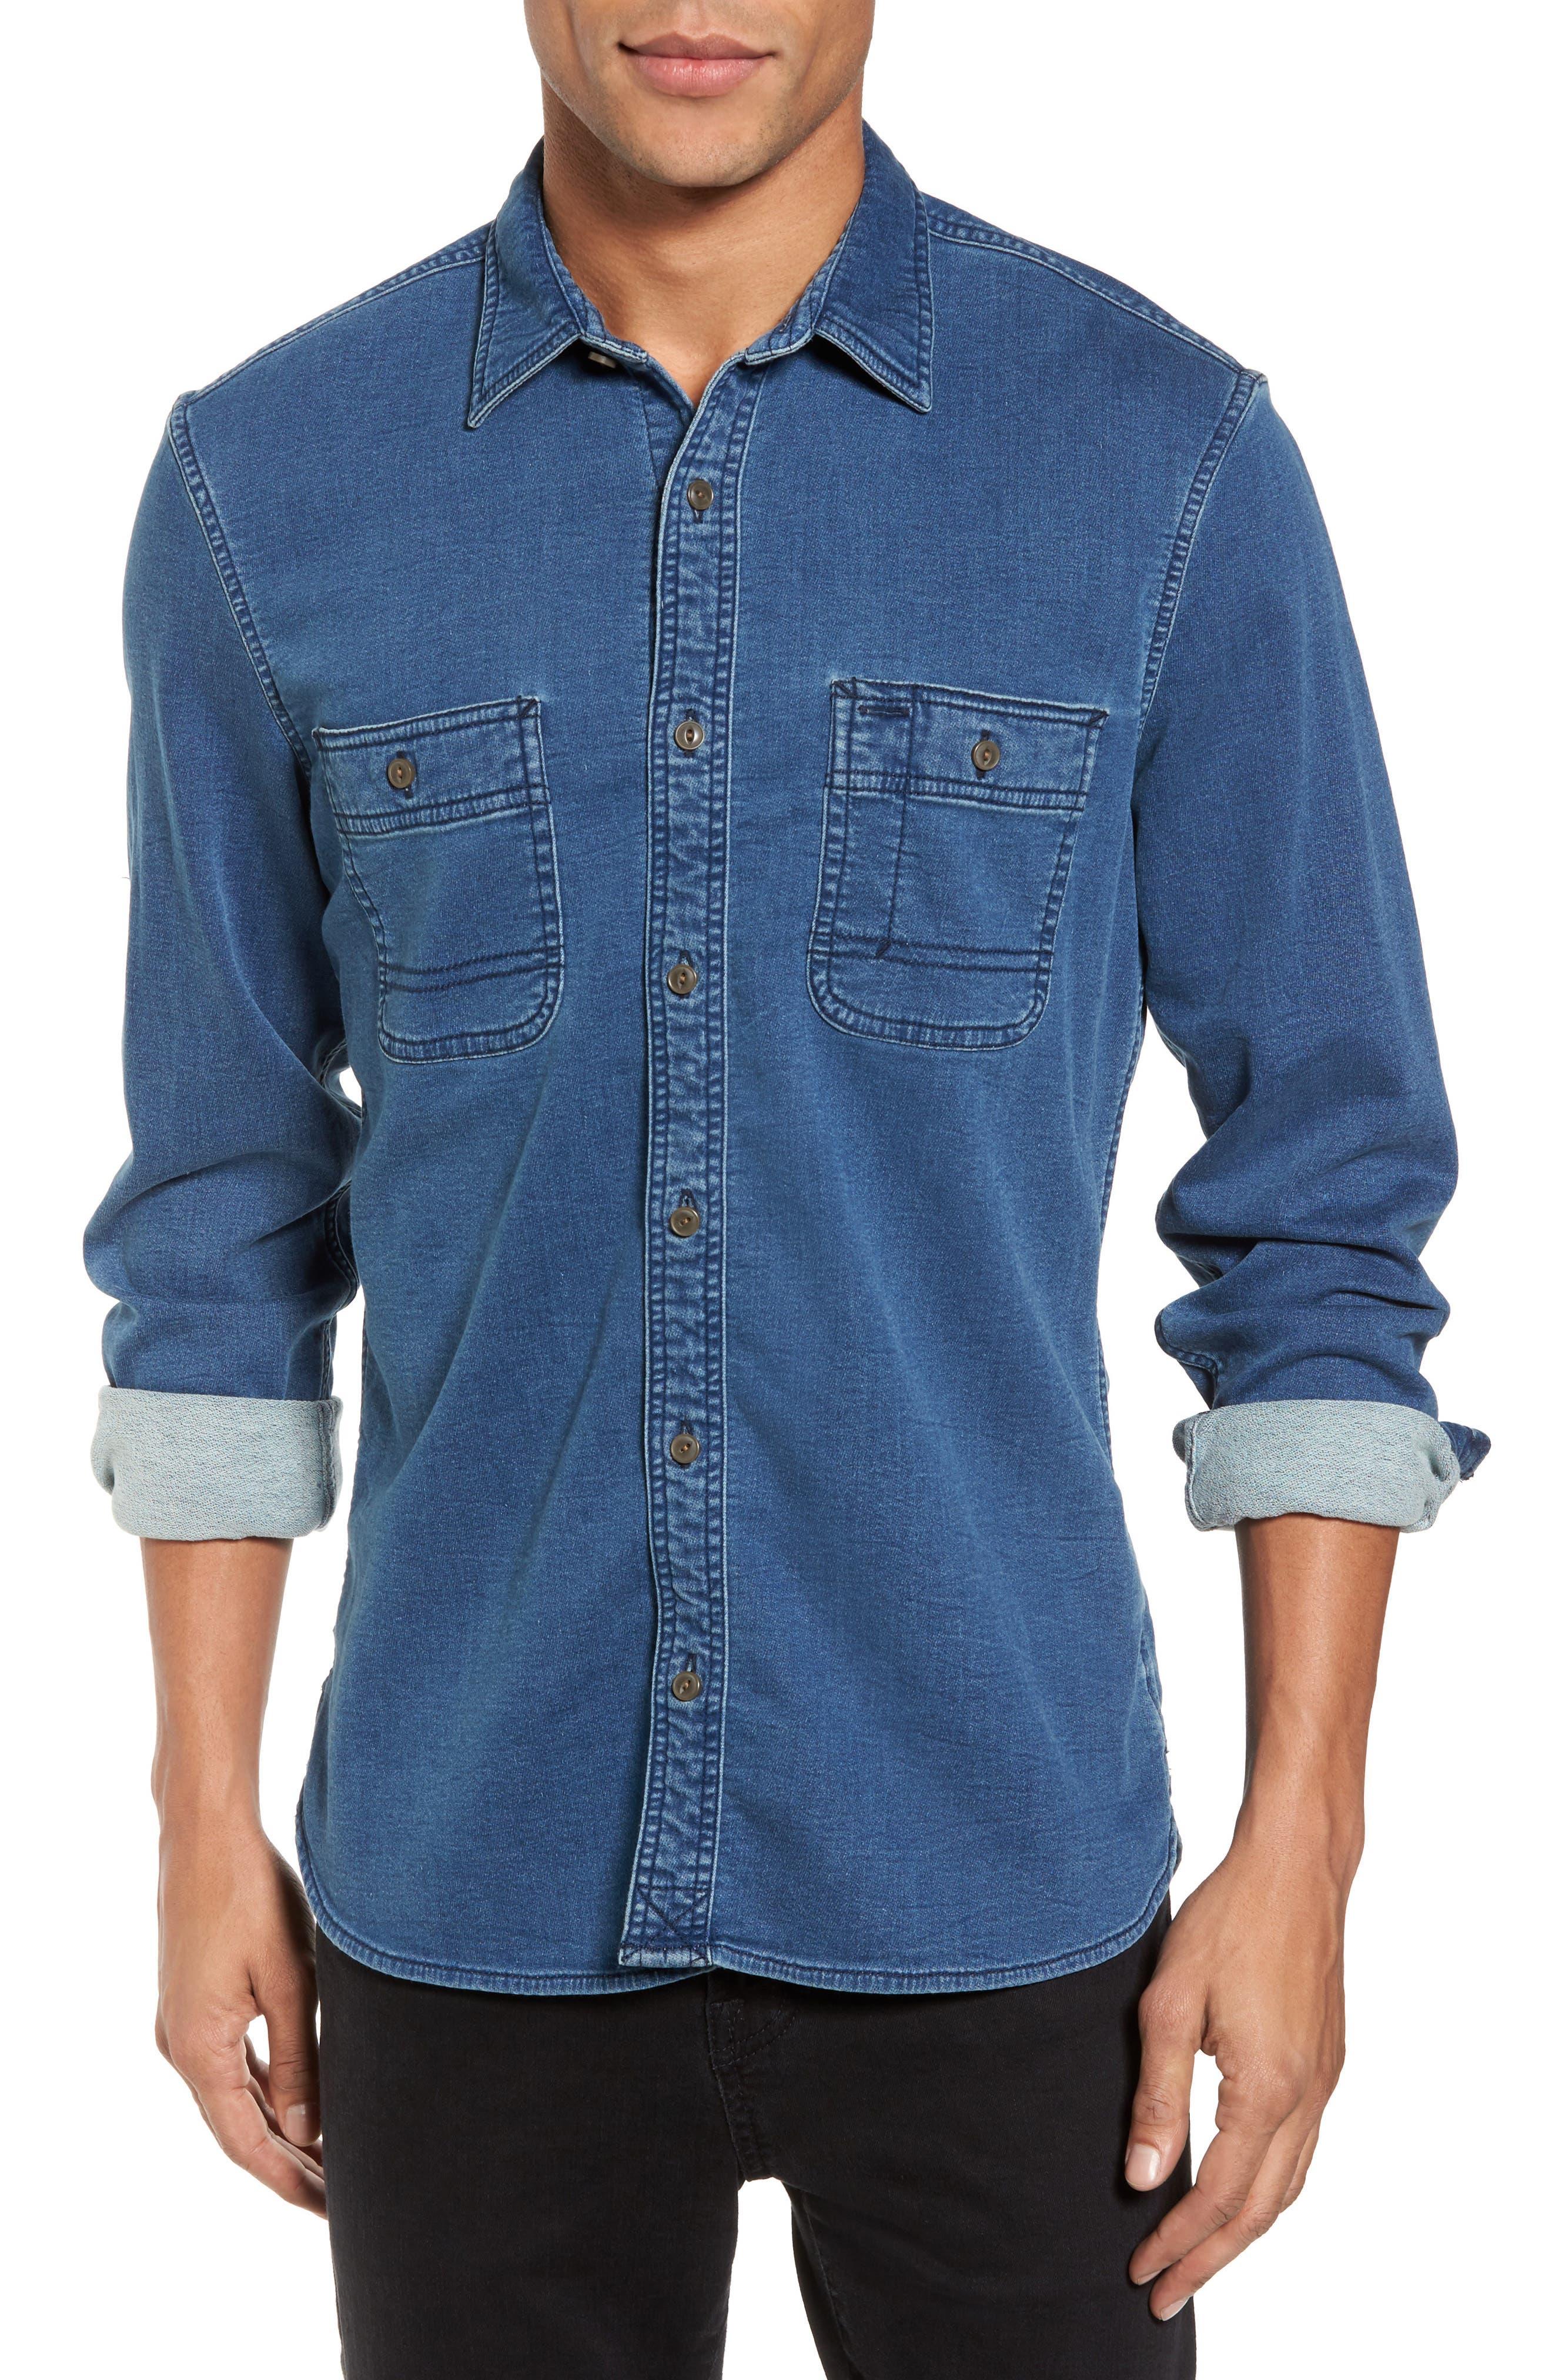 Trim Fit Utility Wash Knit Denim Shirt,                         Main,                         color, Blue Vintage Washed Solid